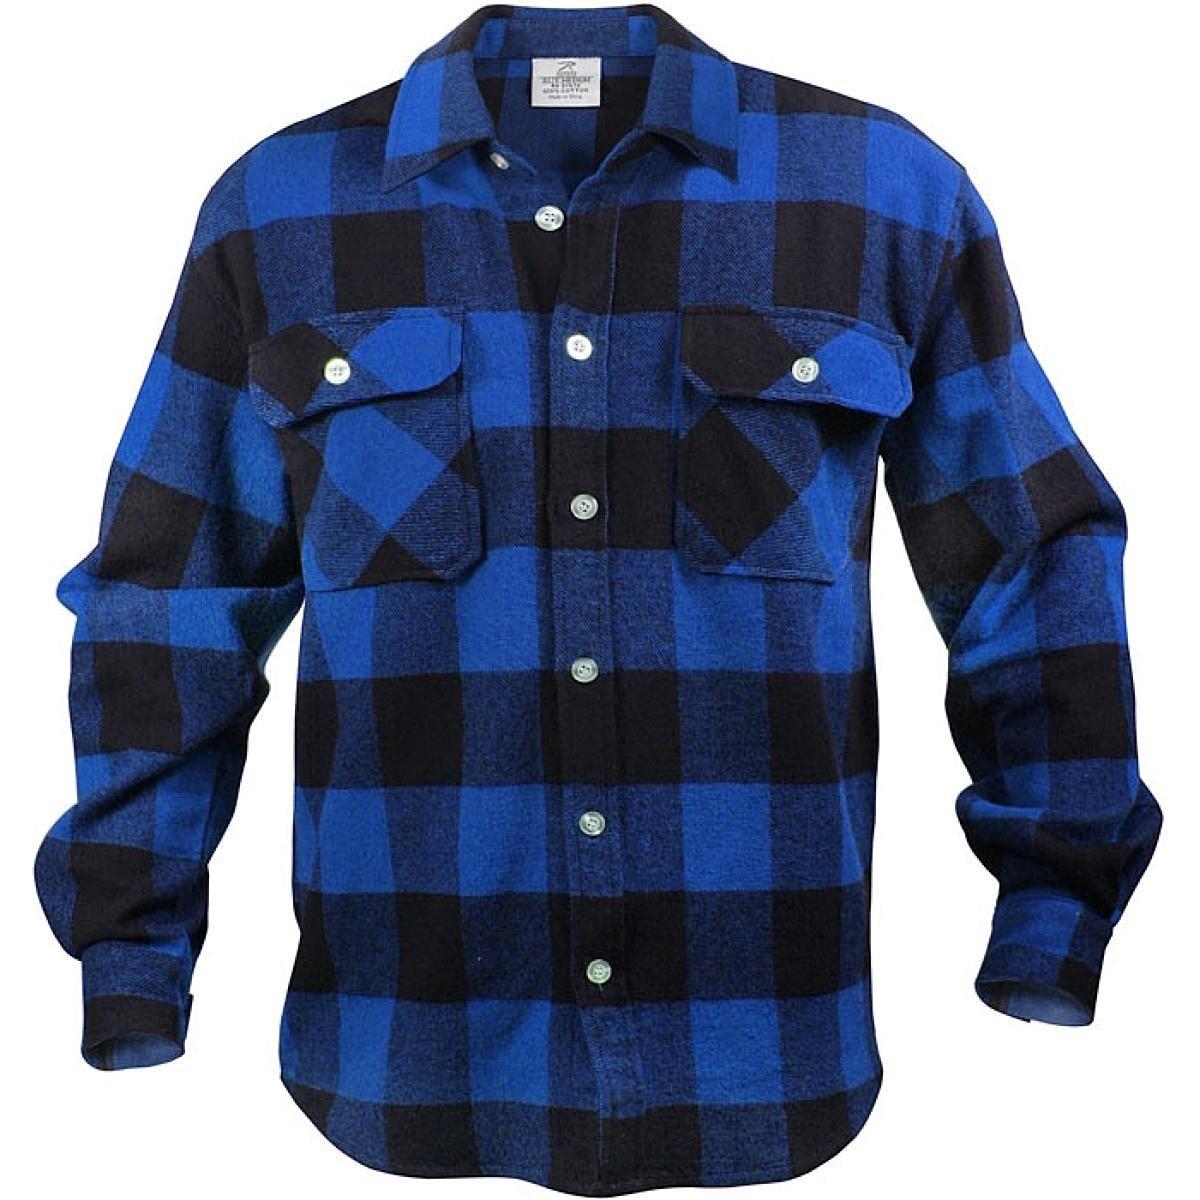 Flannel shirt season  Extra Heavyweight Brawny Flannel Shirt Buffalo Plaid in